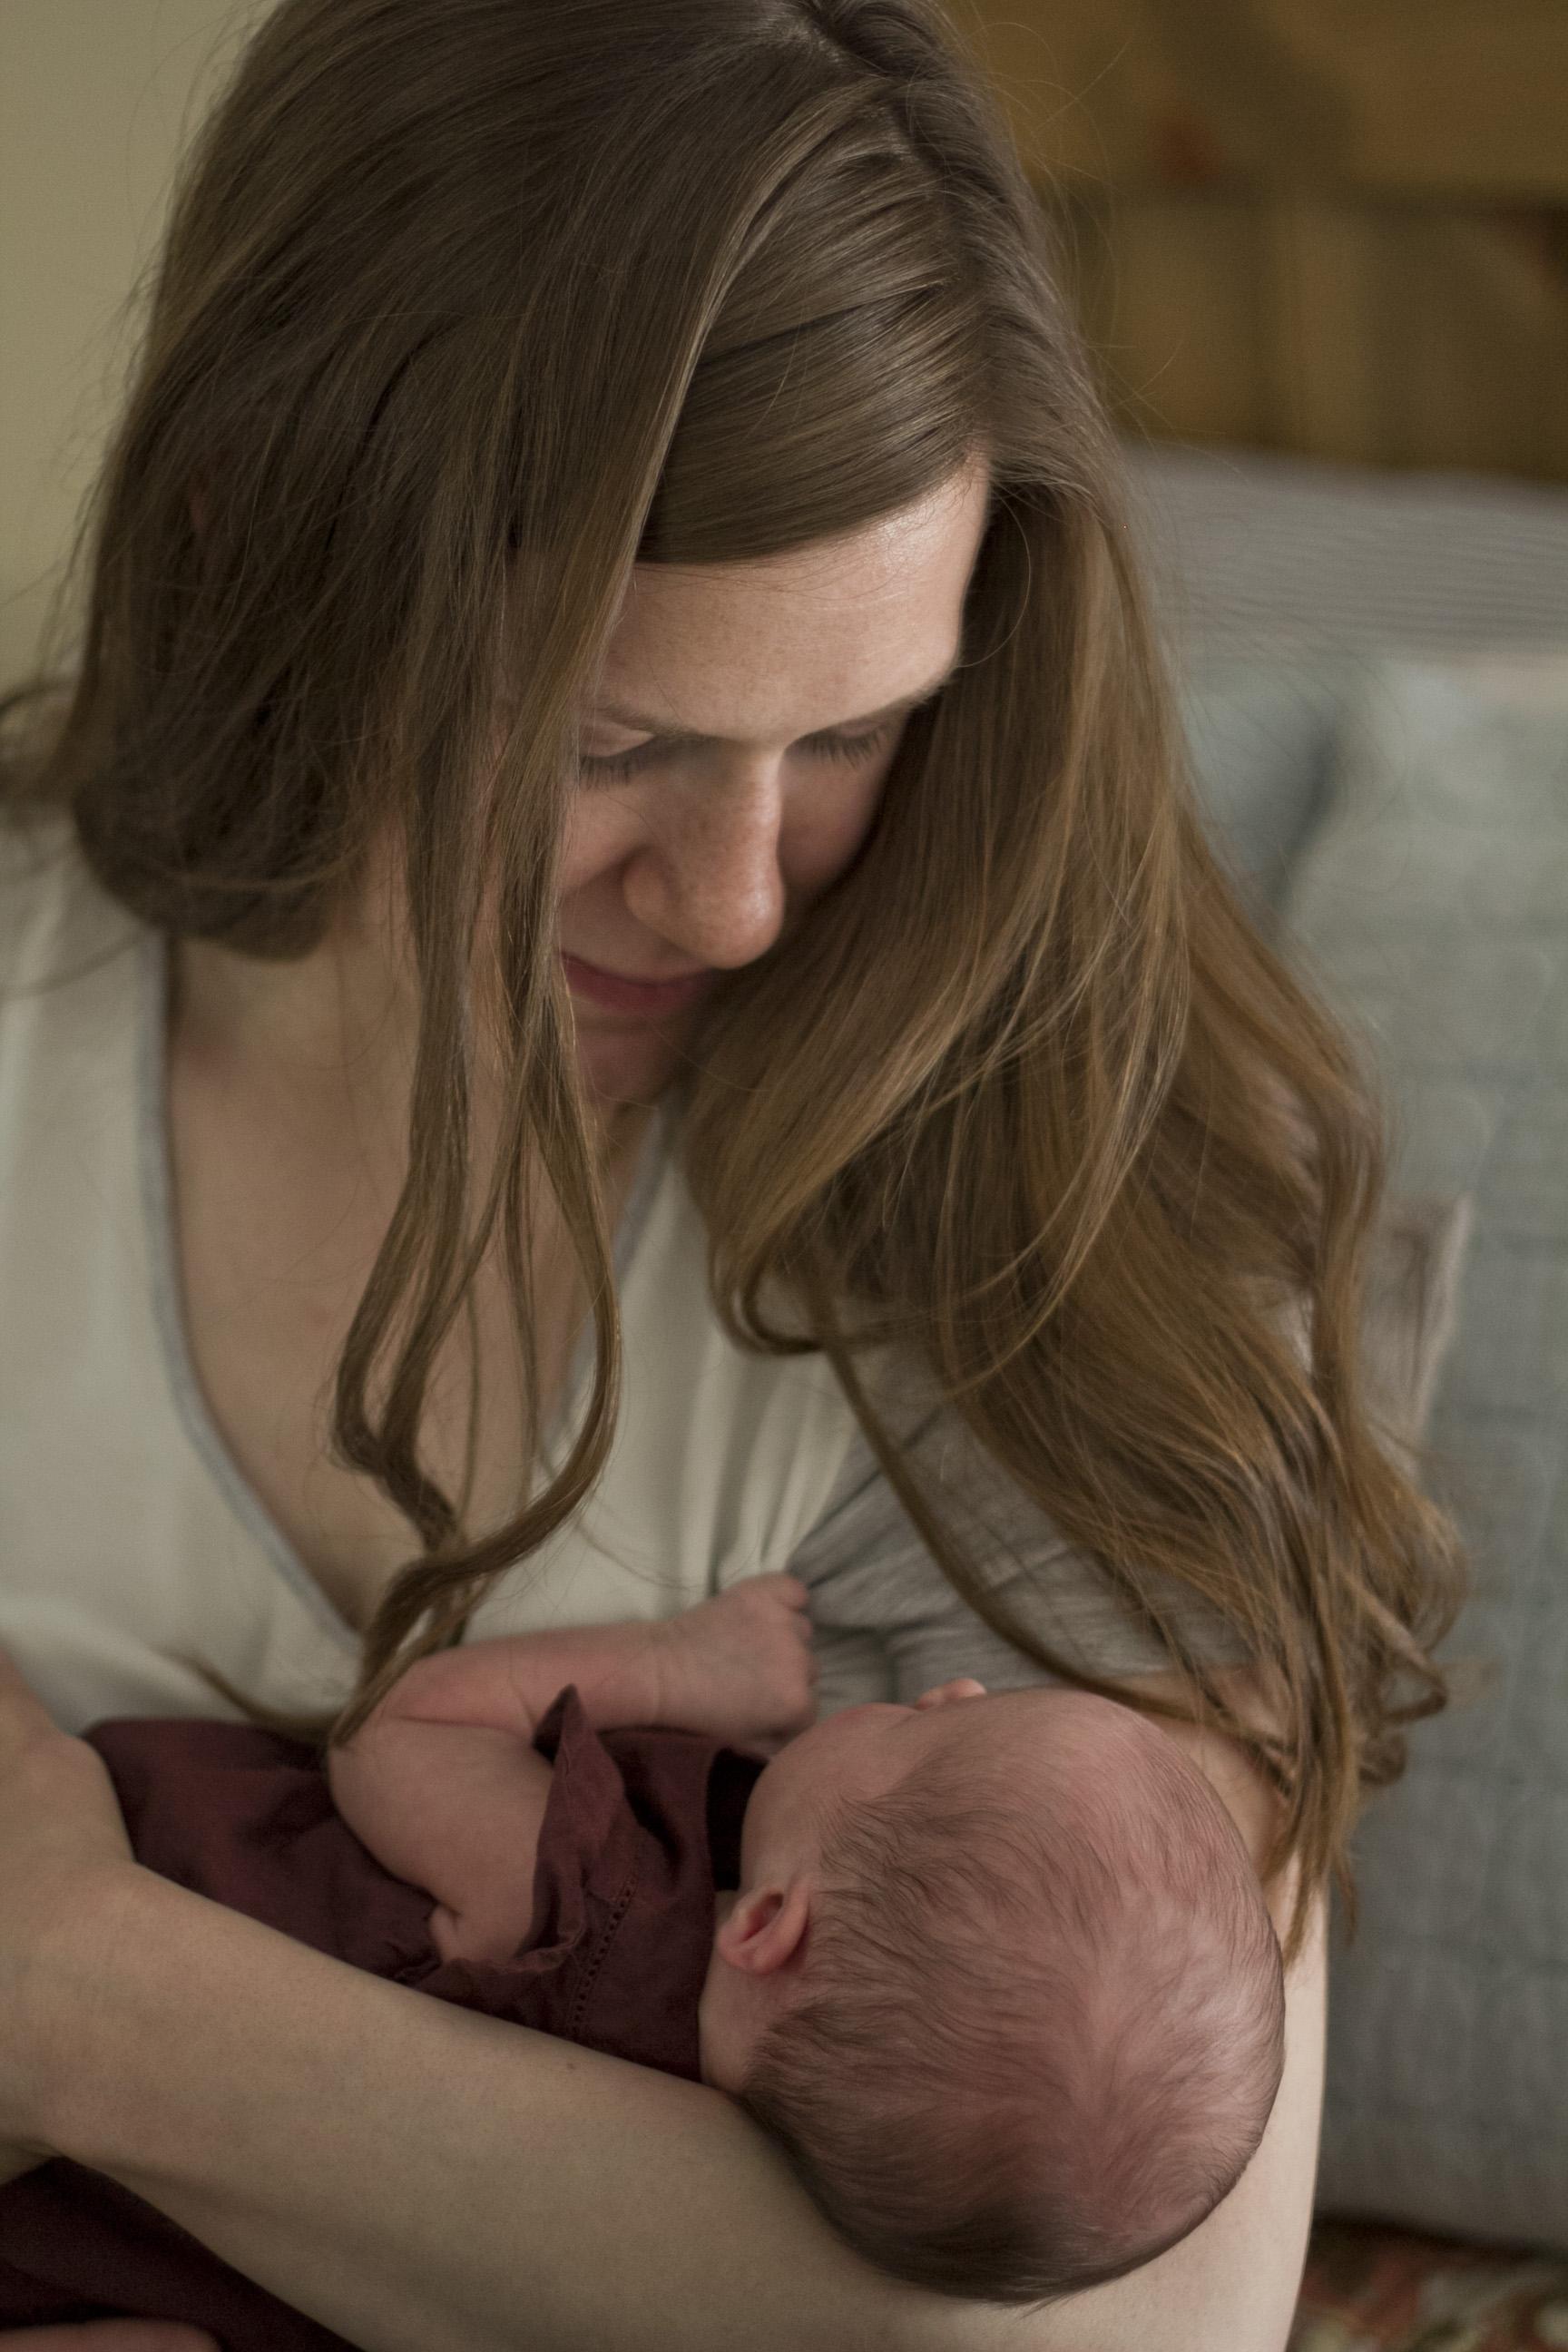 Mama and baby girl